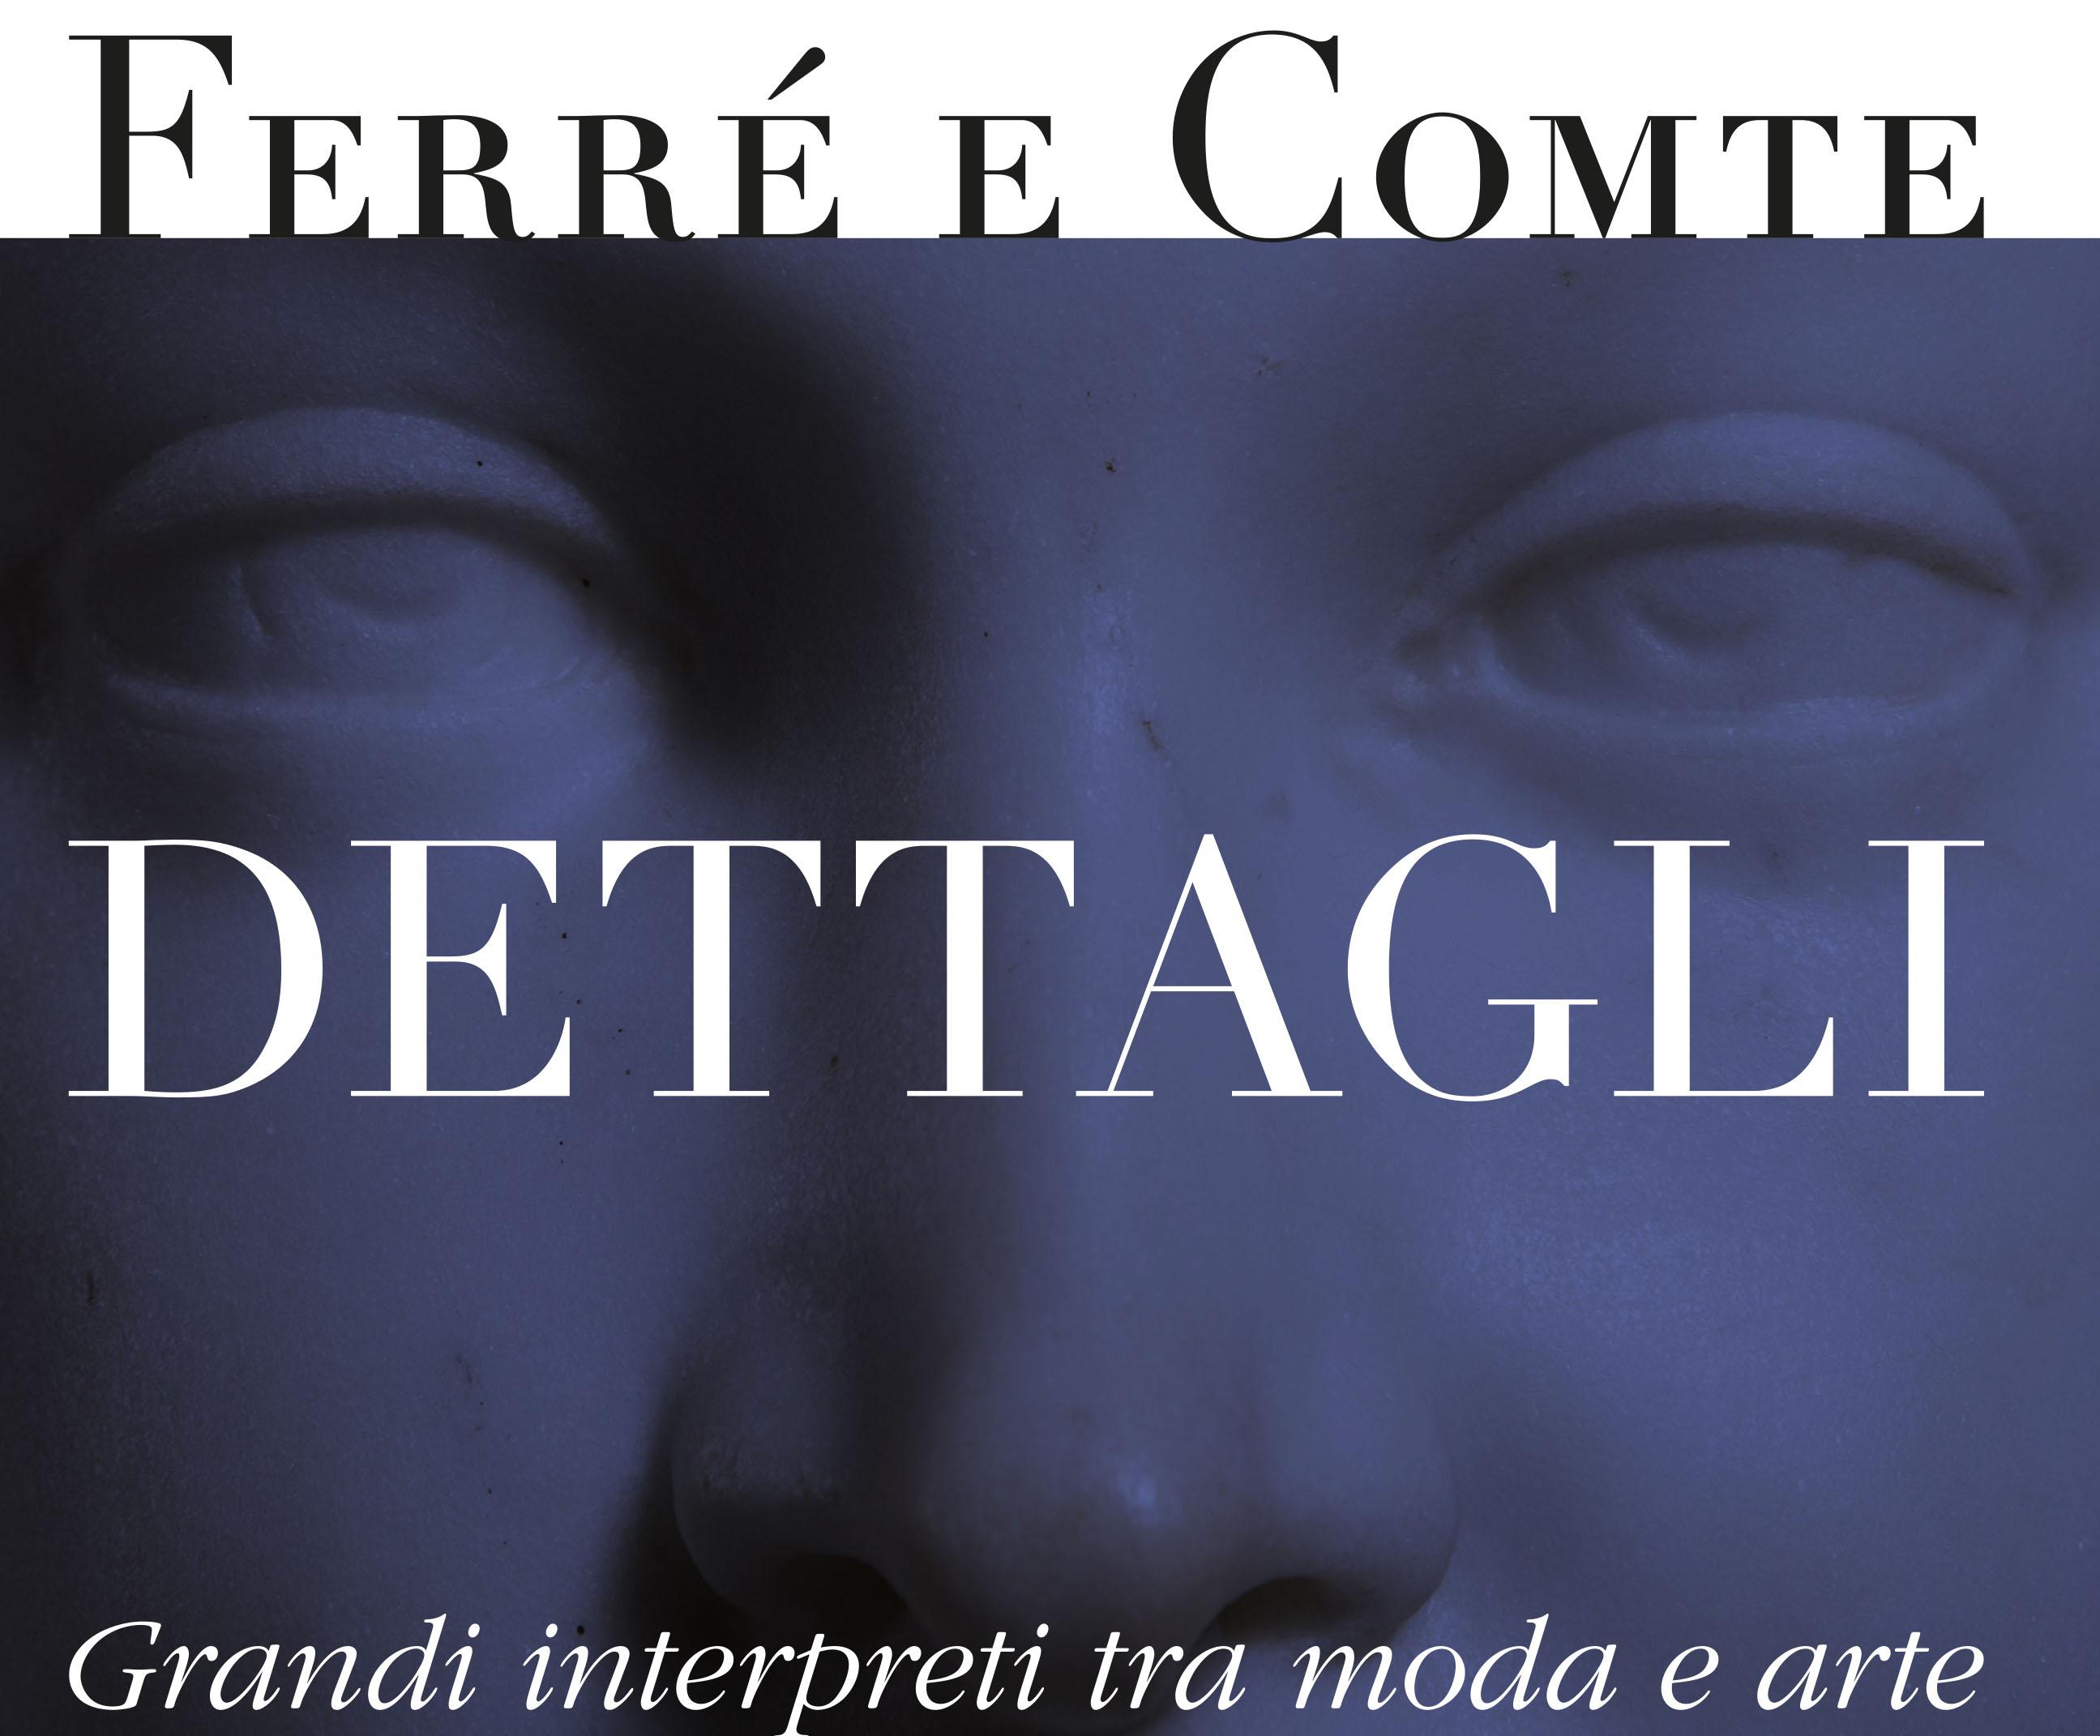 Moda e arte in Dettagli di Ferré e Comte a Parma